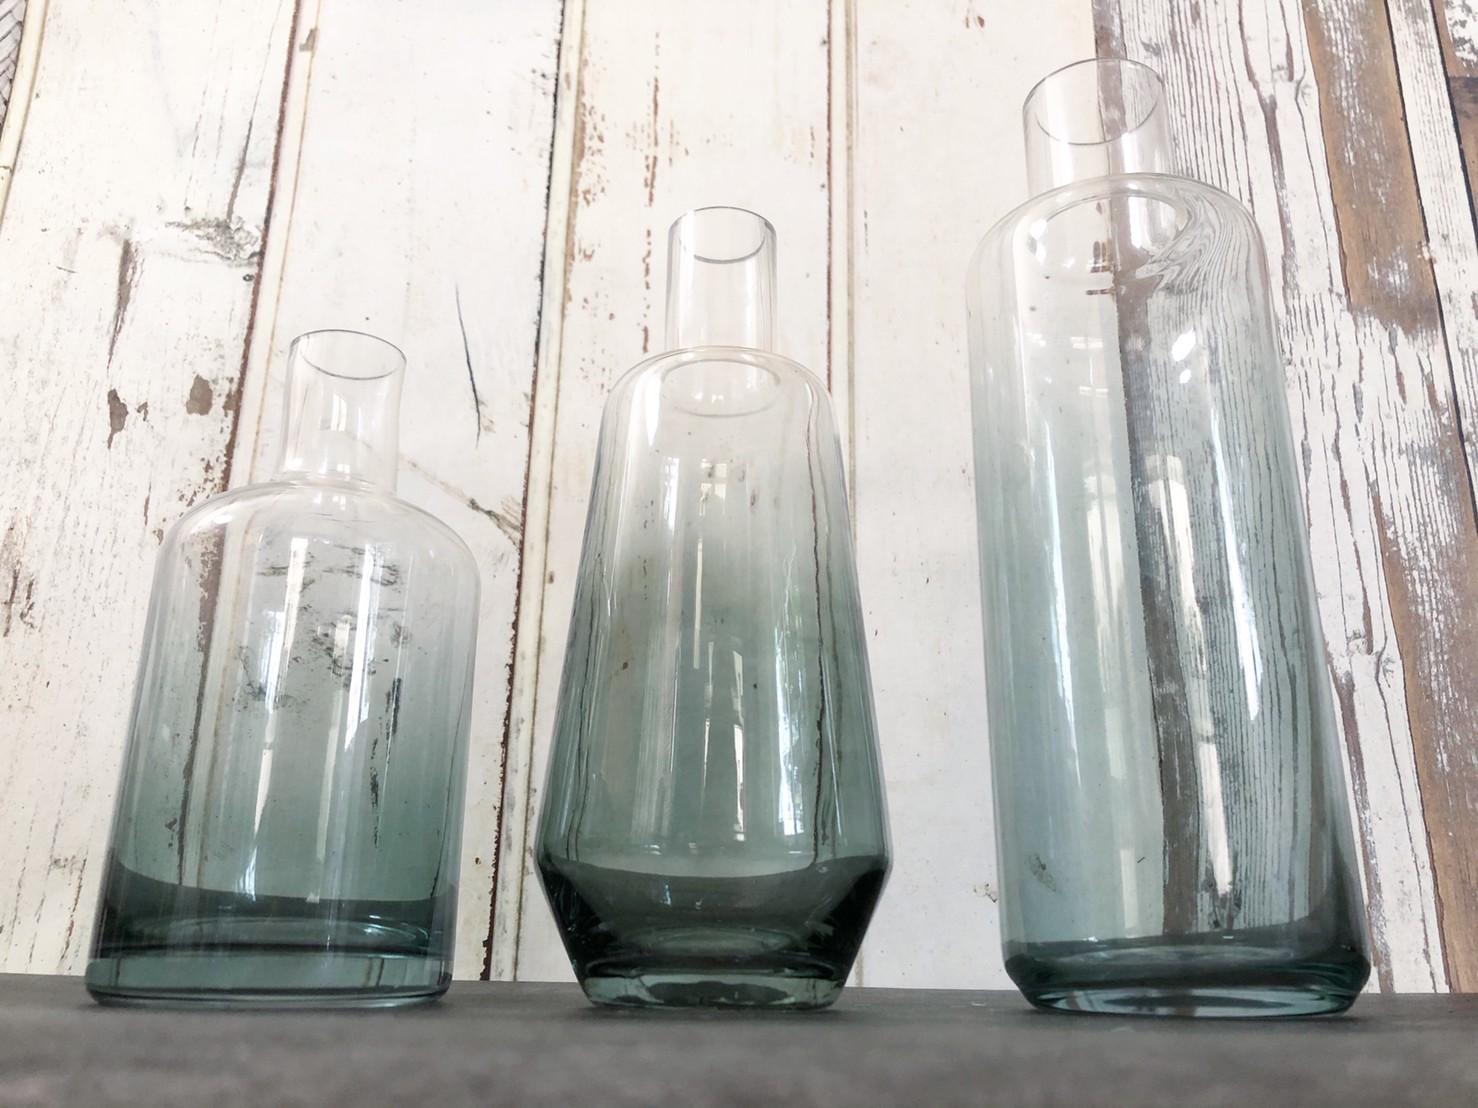 ブルーグラデのガラス瓶(高さ17�)